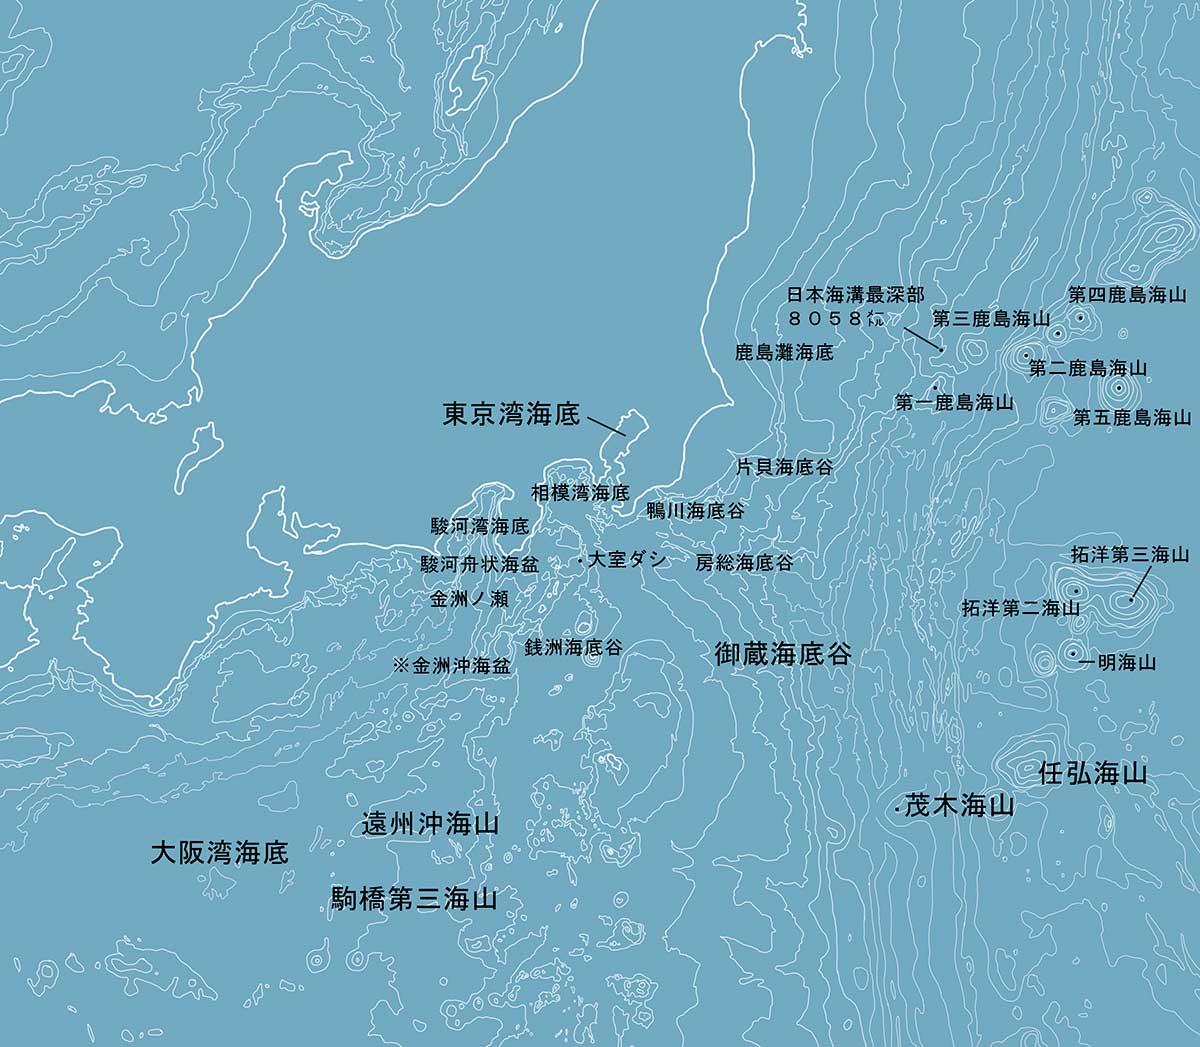 2016年版・海洋地図にある地形の地殻歪みエネルギーの一覧